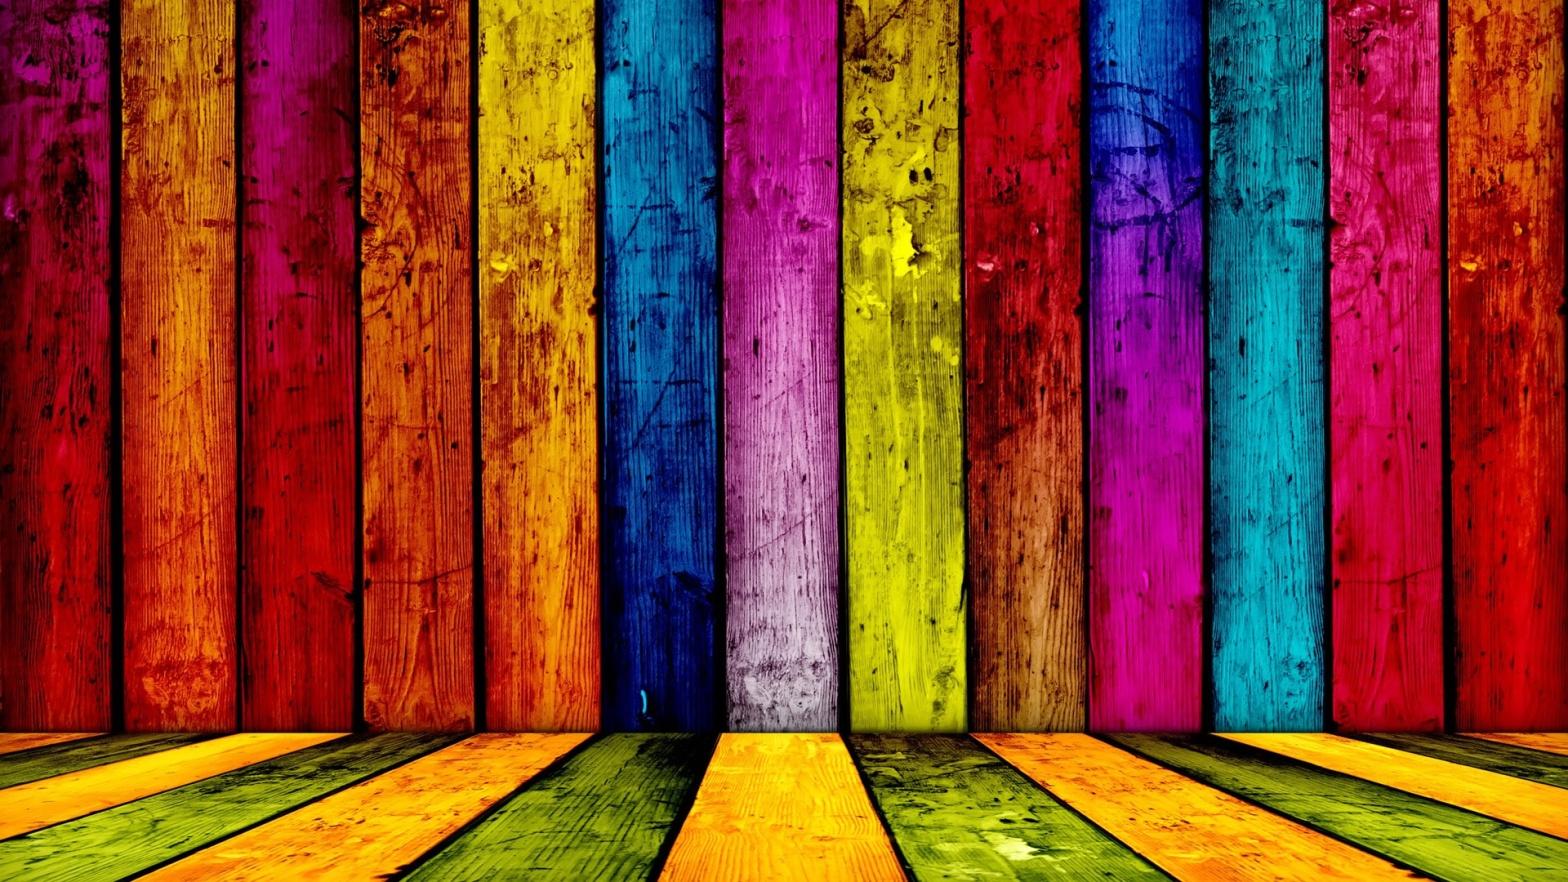 Renkler ile ilgili anlamlı ve güzel sözler